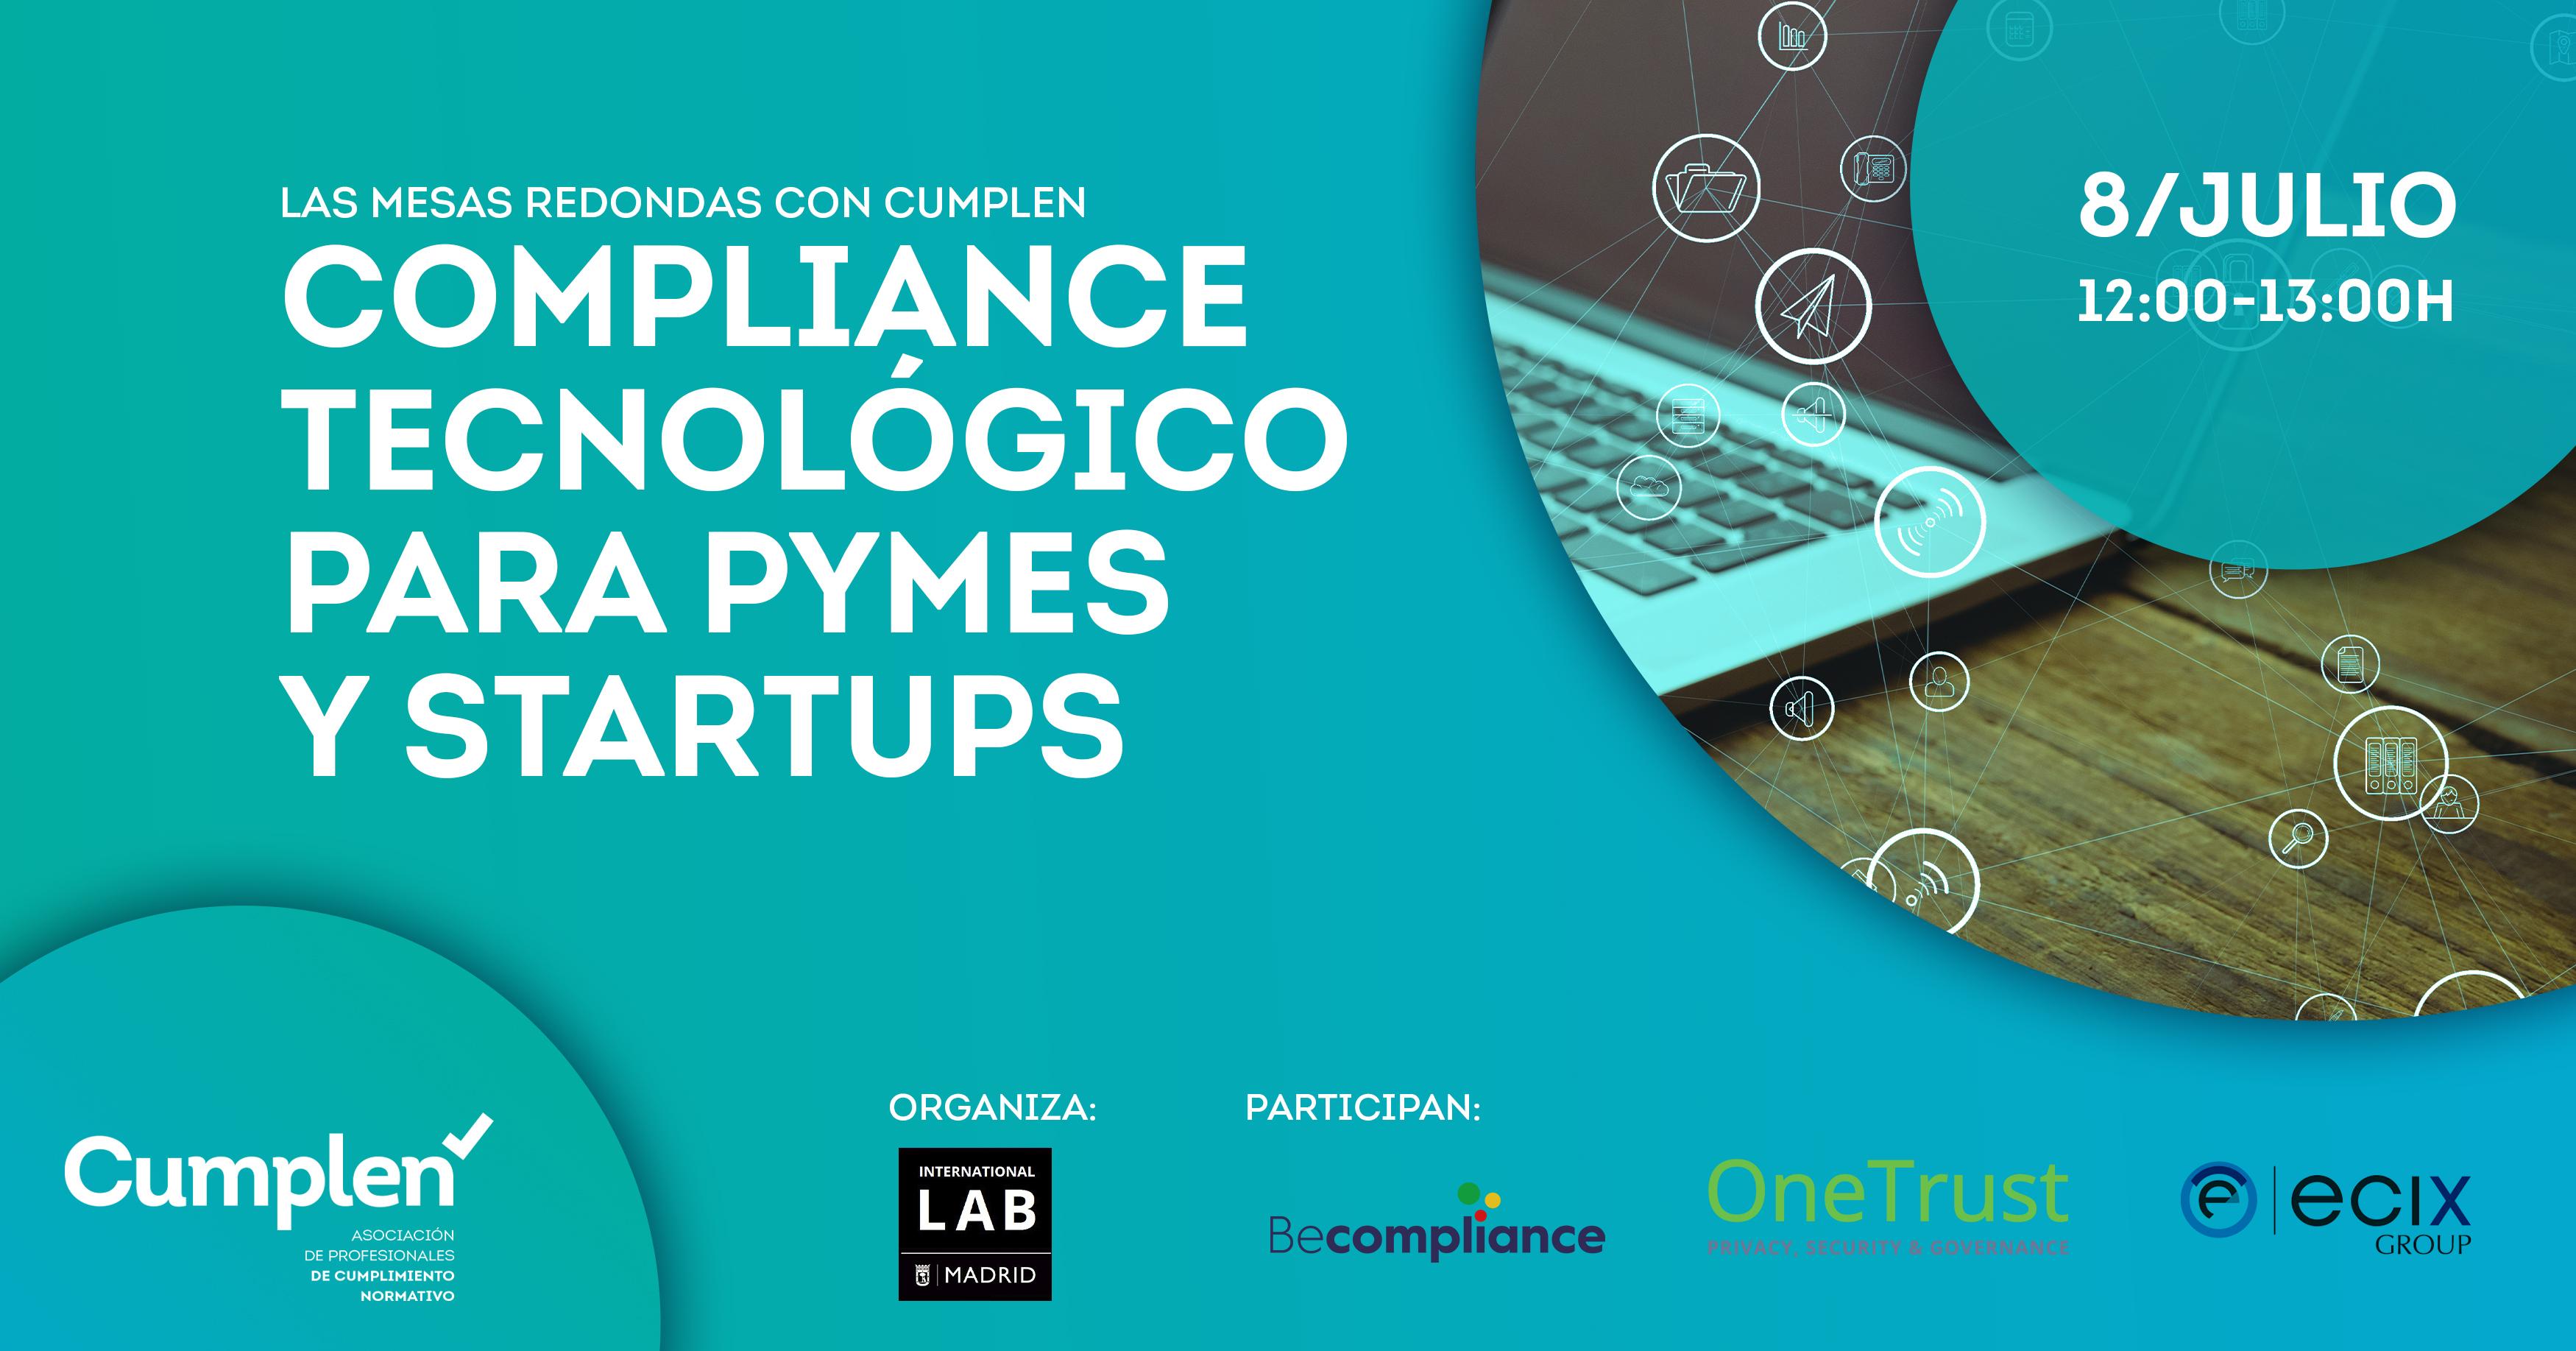 Mesa redonda CUMPLEN: Compliance Tecnológico para PYMEs y Startups. Vídeo de la jornada disponible para socias/os.